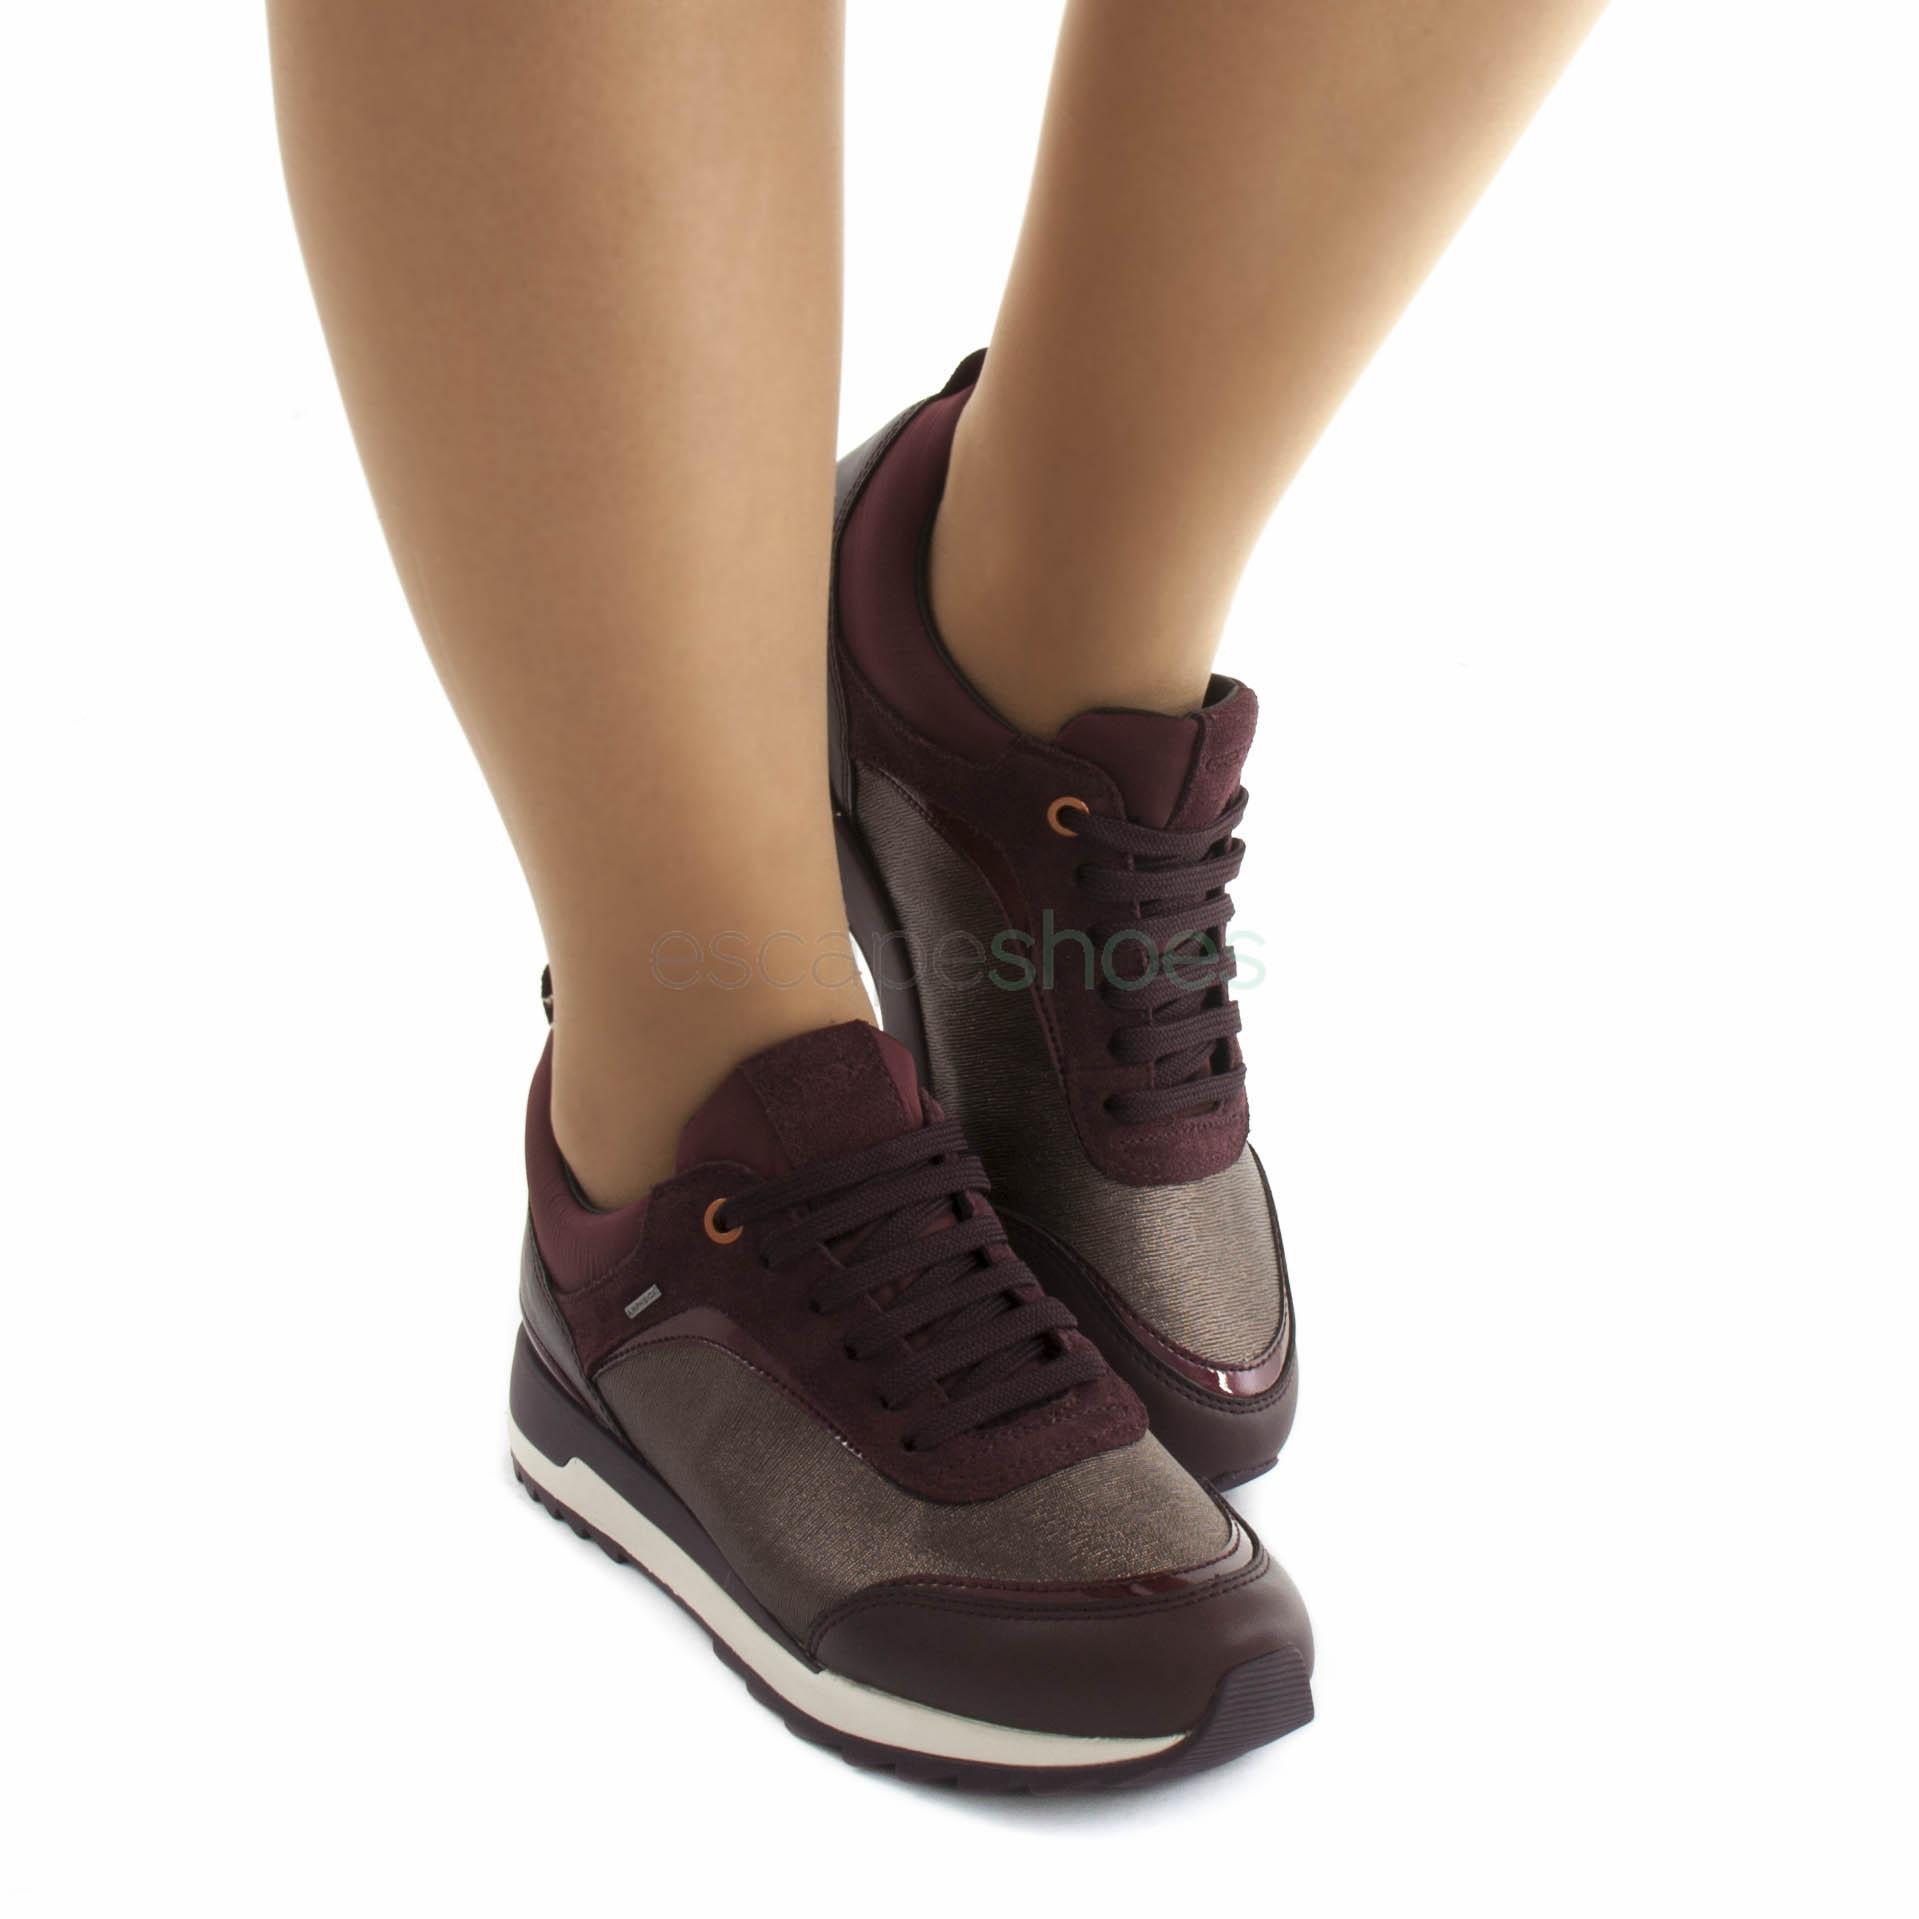 Aburrido Prueba de Derbeville Canberra  Sneakers GEOX Aneko Bordeaux